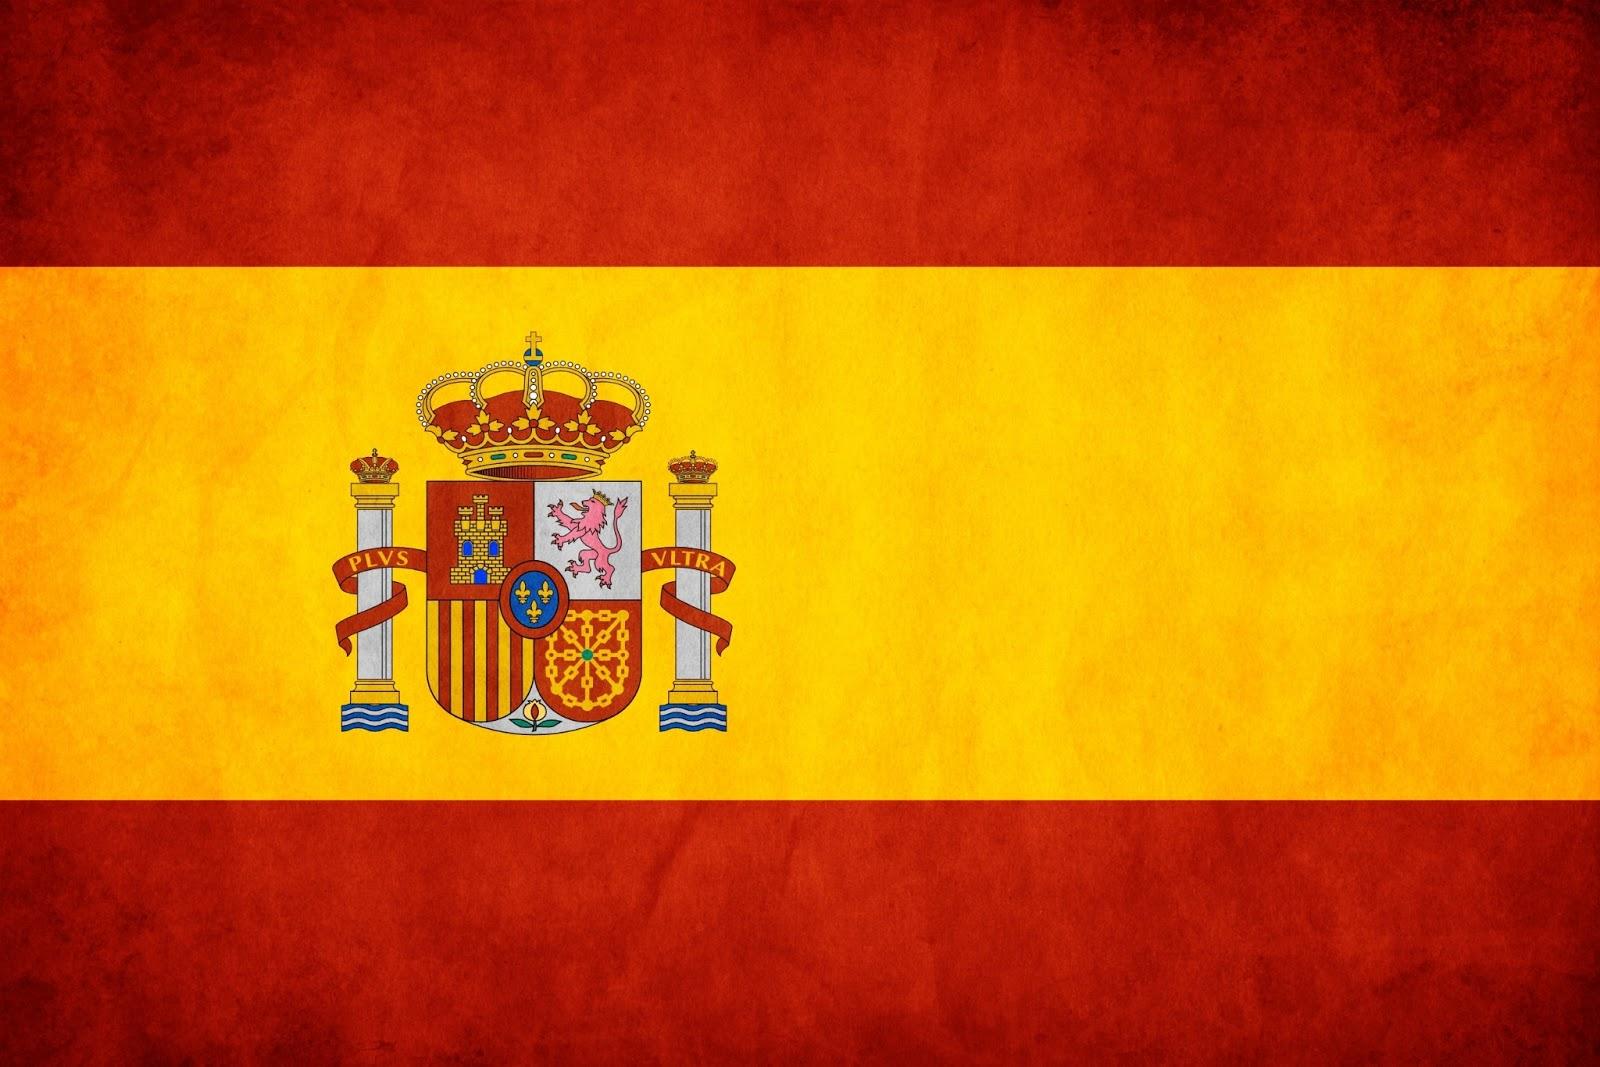 http://3.bp.blogspot.com/-8b6m0yoYDkM/UUSG5e6k0SI/AAAAAAABrb4/H7kuYc53PTY/s1600/wallpaper-da-espanha.jpg